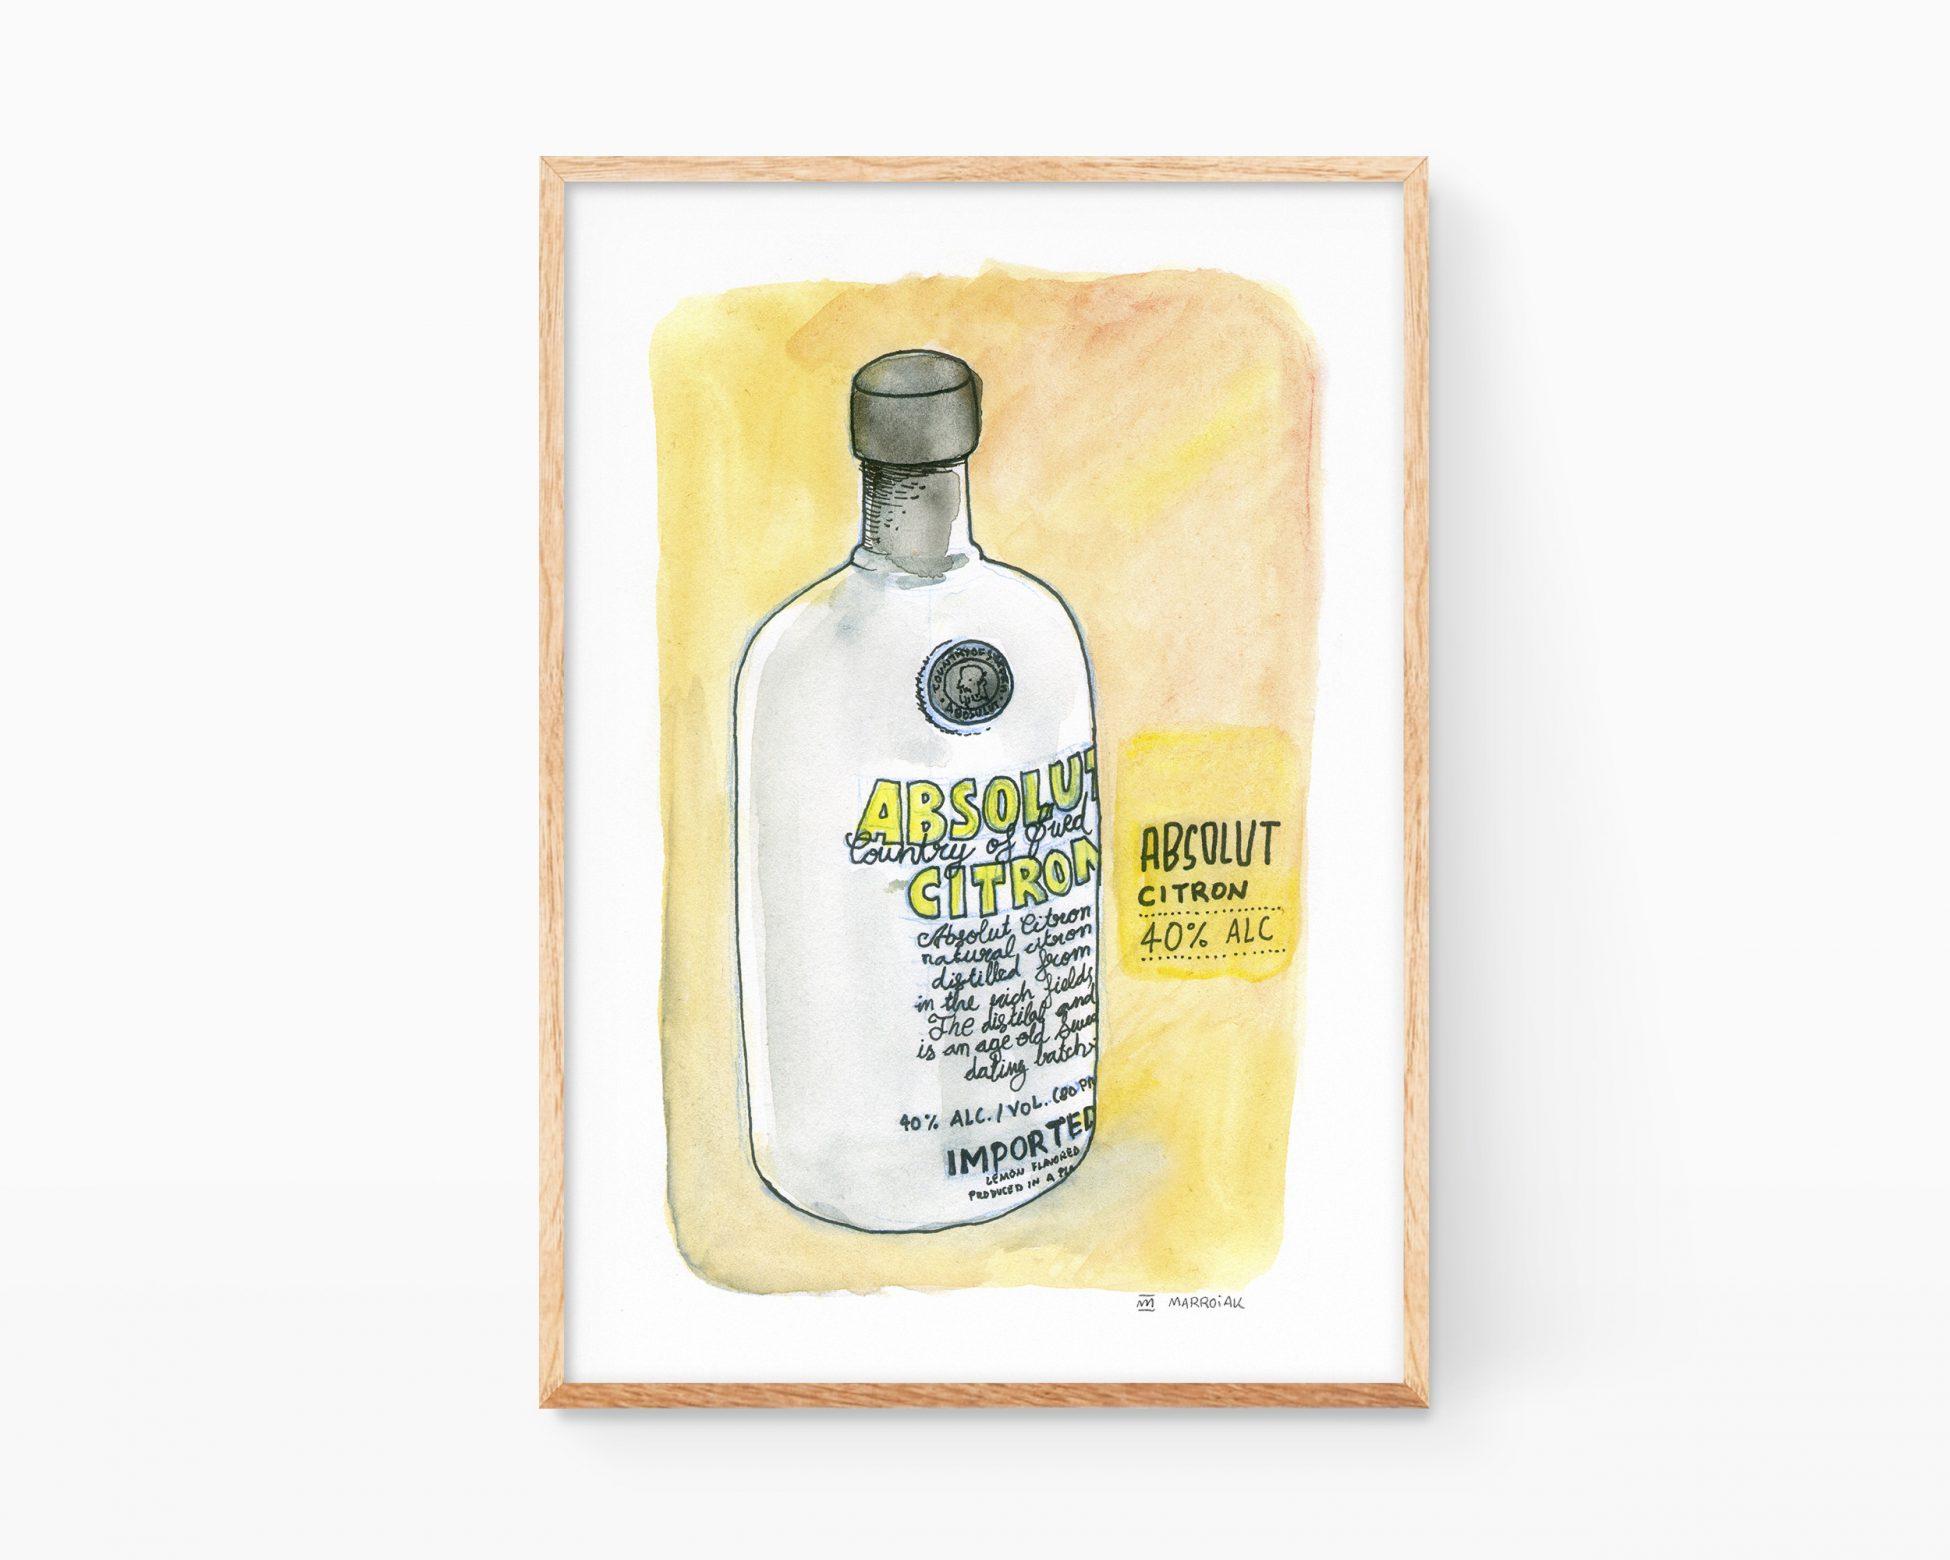 Lámina para decoración de cocinas con una ilustración en acuarela de una botella de vodka Absolut Citron. Dibujos cutres para enmarcar